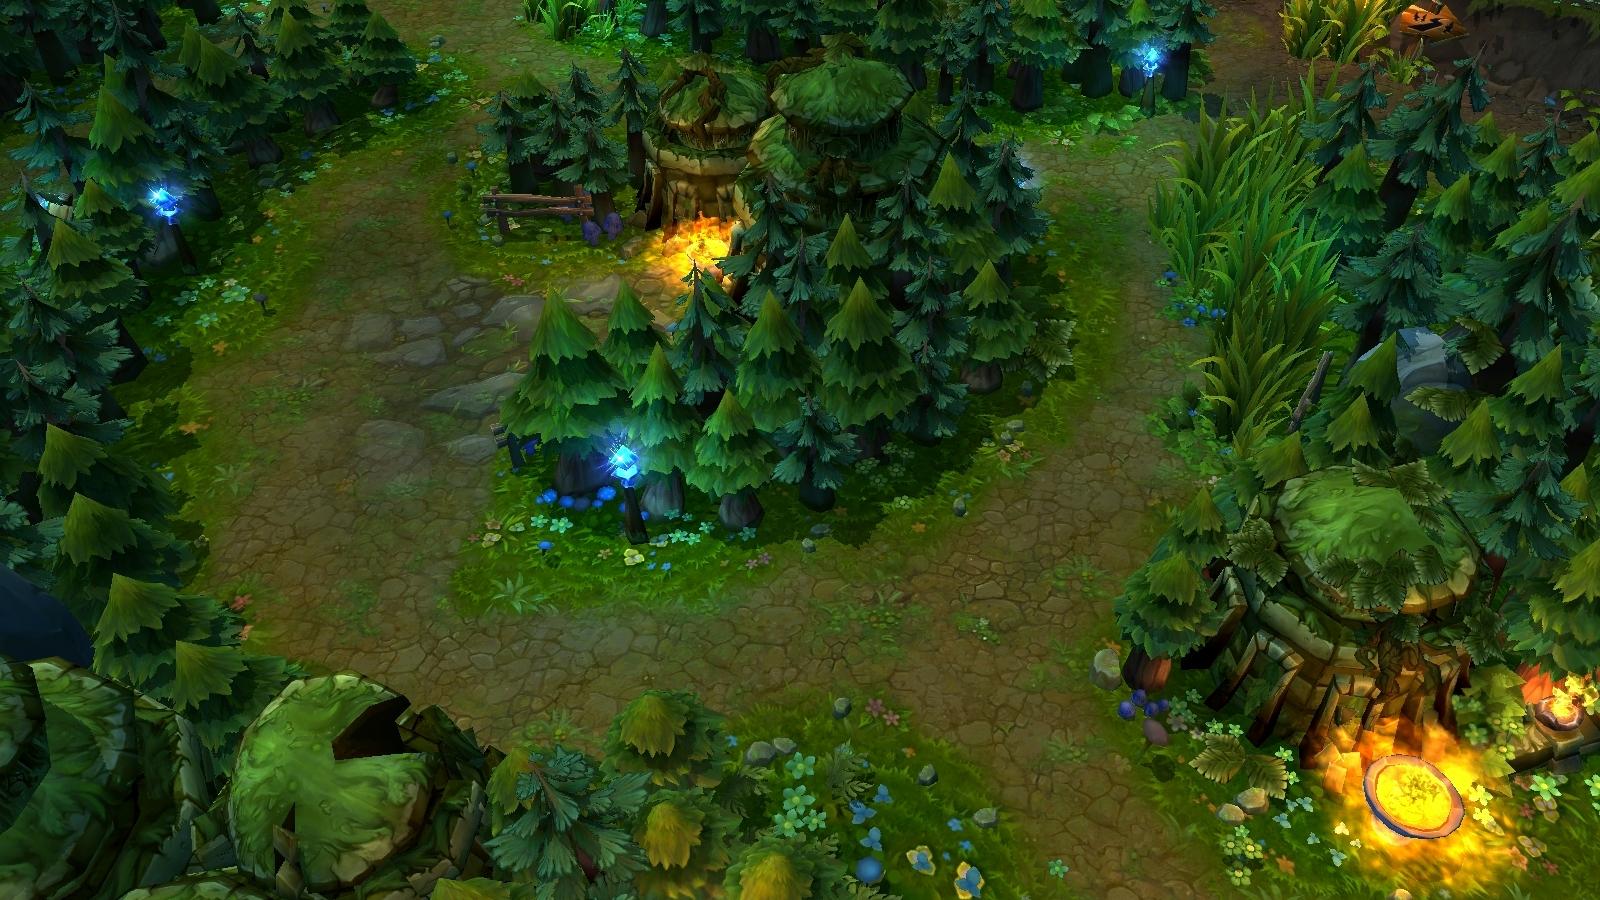 Rift_1.1_Jungle.jpg